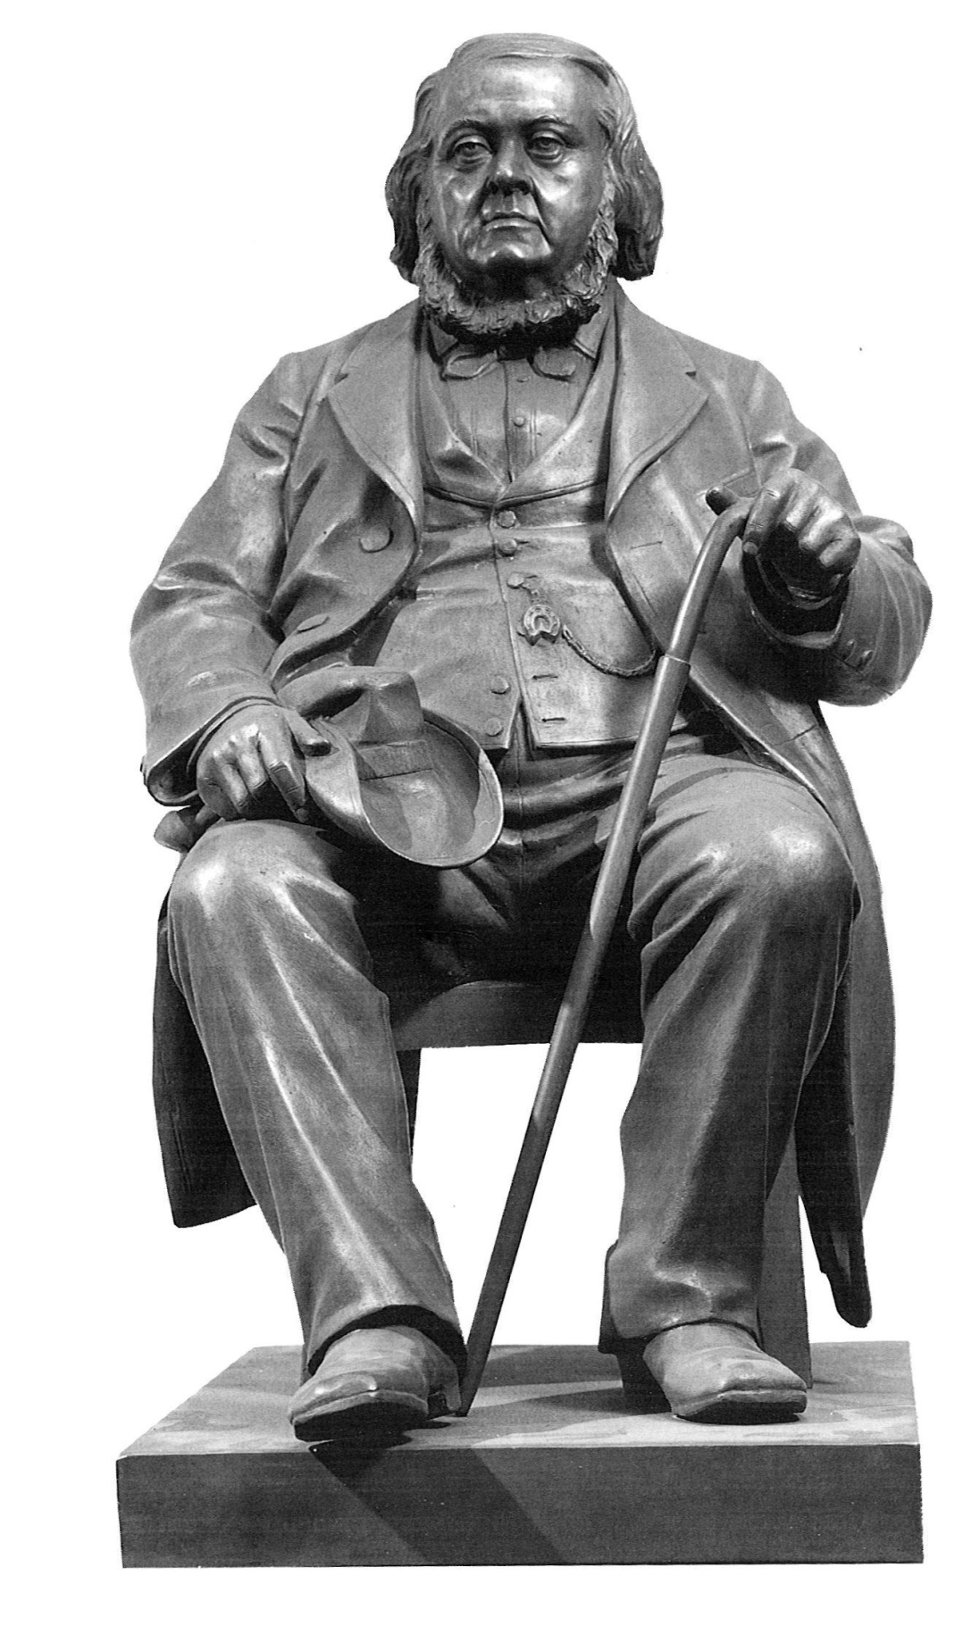 Statue av Peter Chr. Asbjørnsen, laget i 1885 av den norske billedhuggeren Brynjulf Bergslien (1830-1898). KLIKK PÅ BILDET FOR Å SE NESTE BILDE